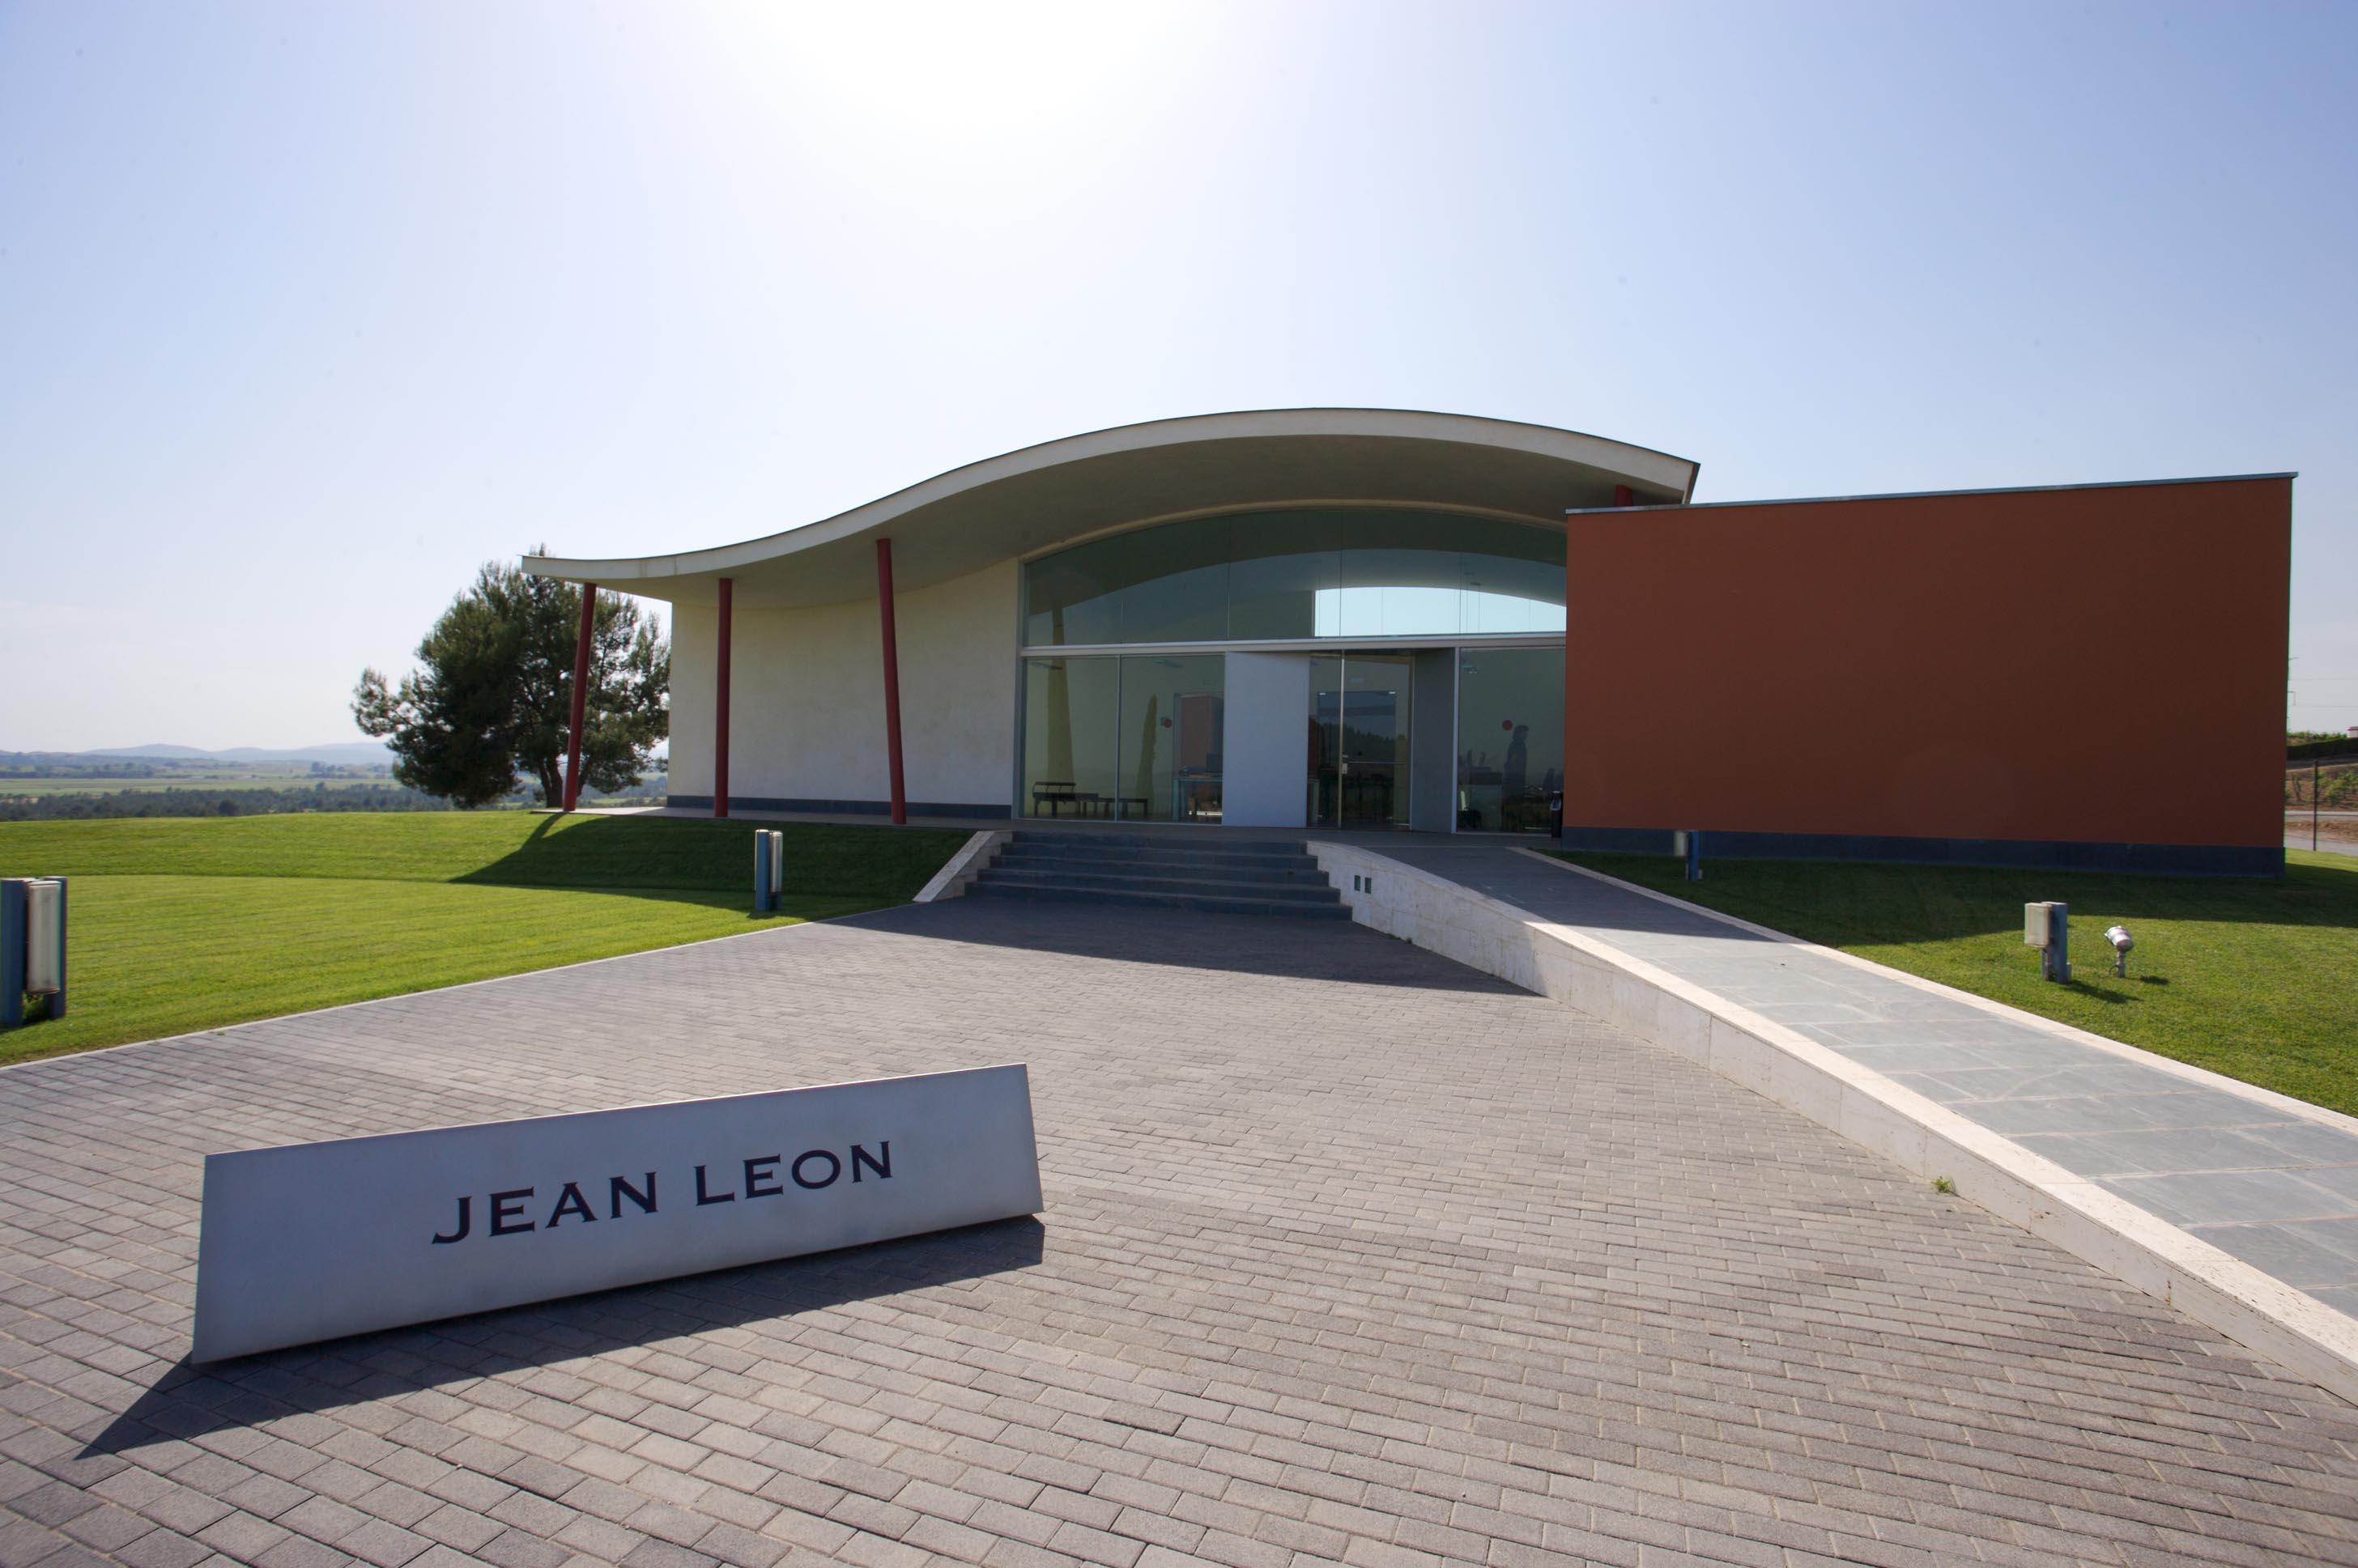 Bodega Jean León1